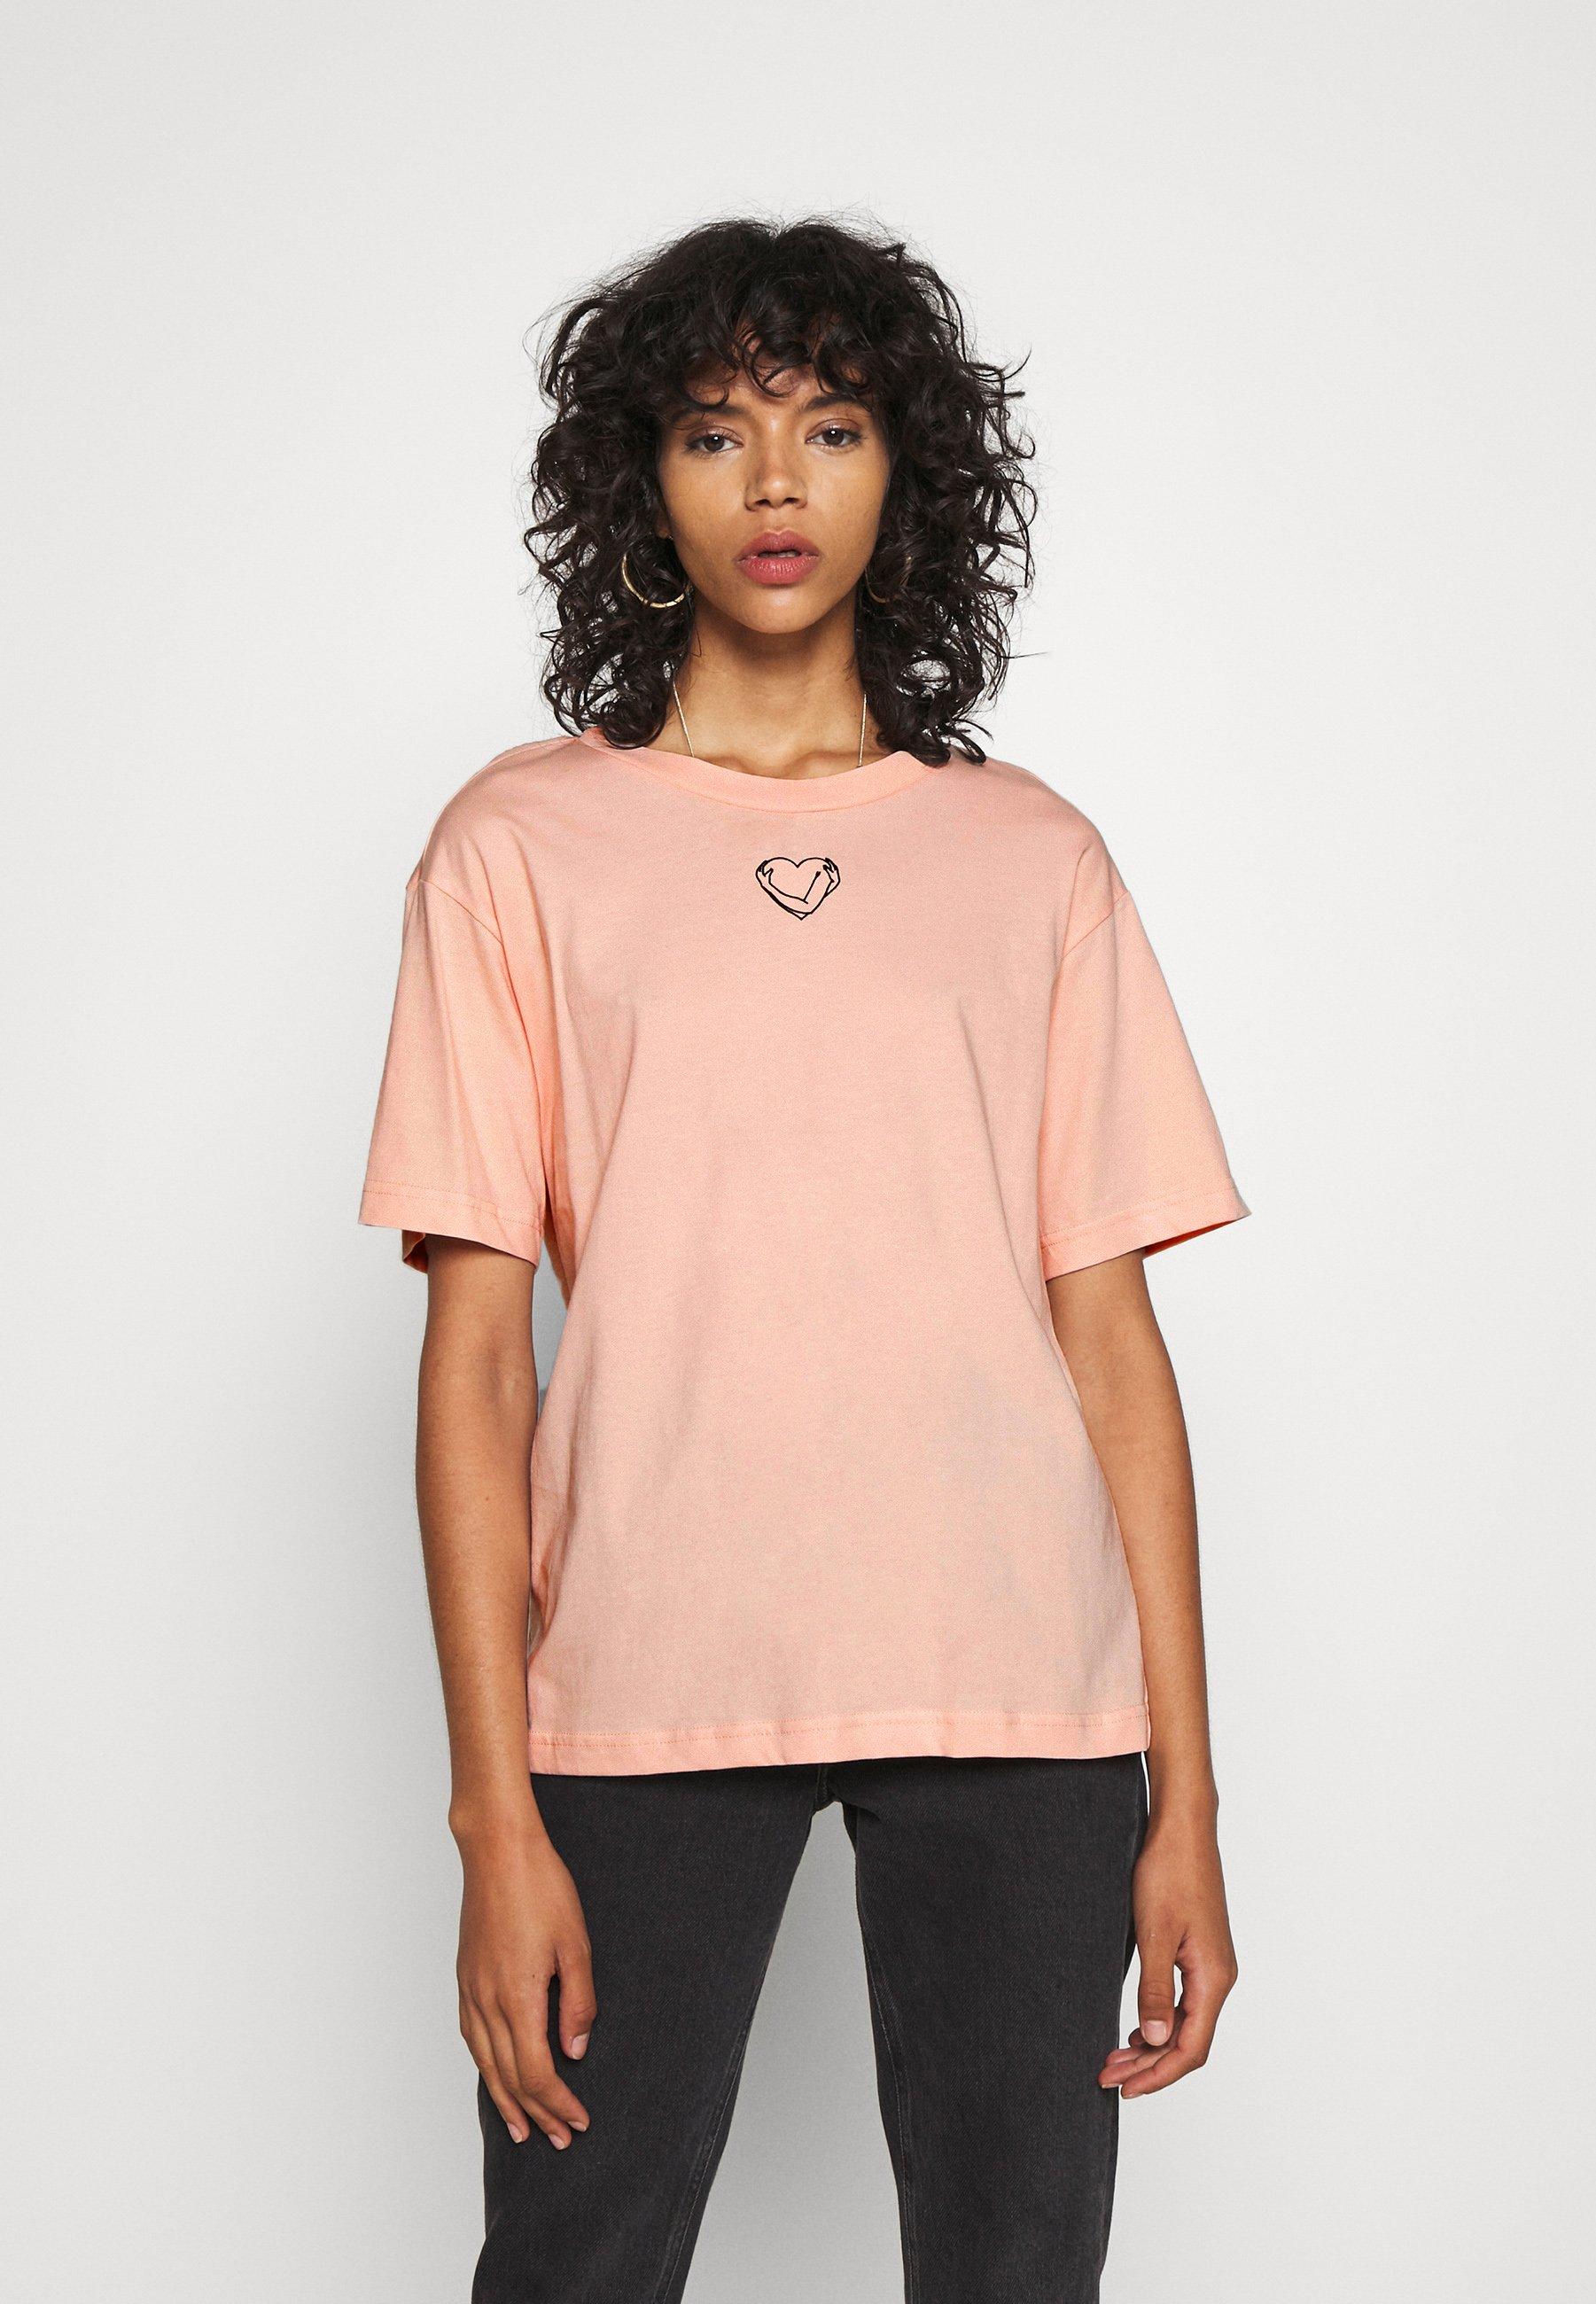 Oransje T skjorter & topper | Dame | Nye overdeler på Zalando